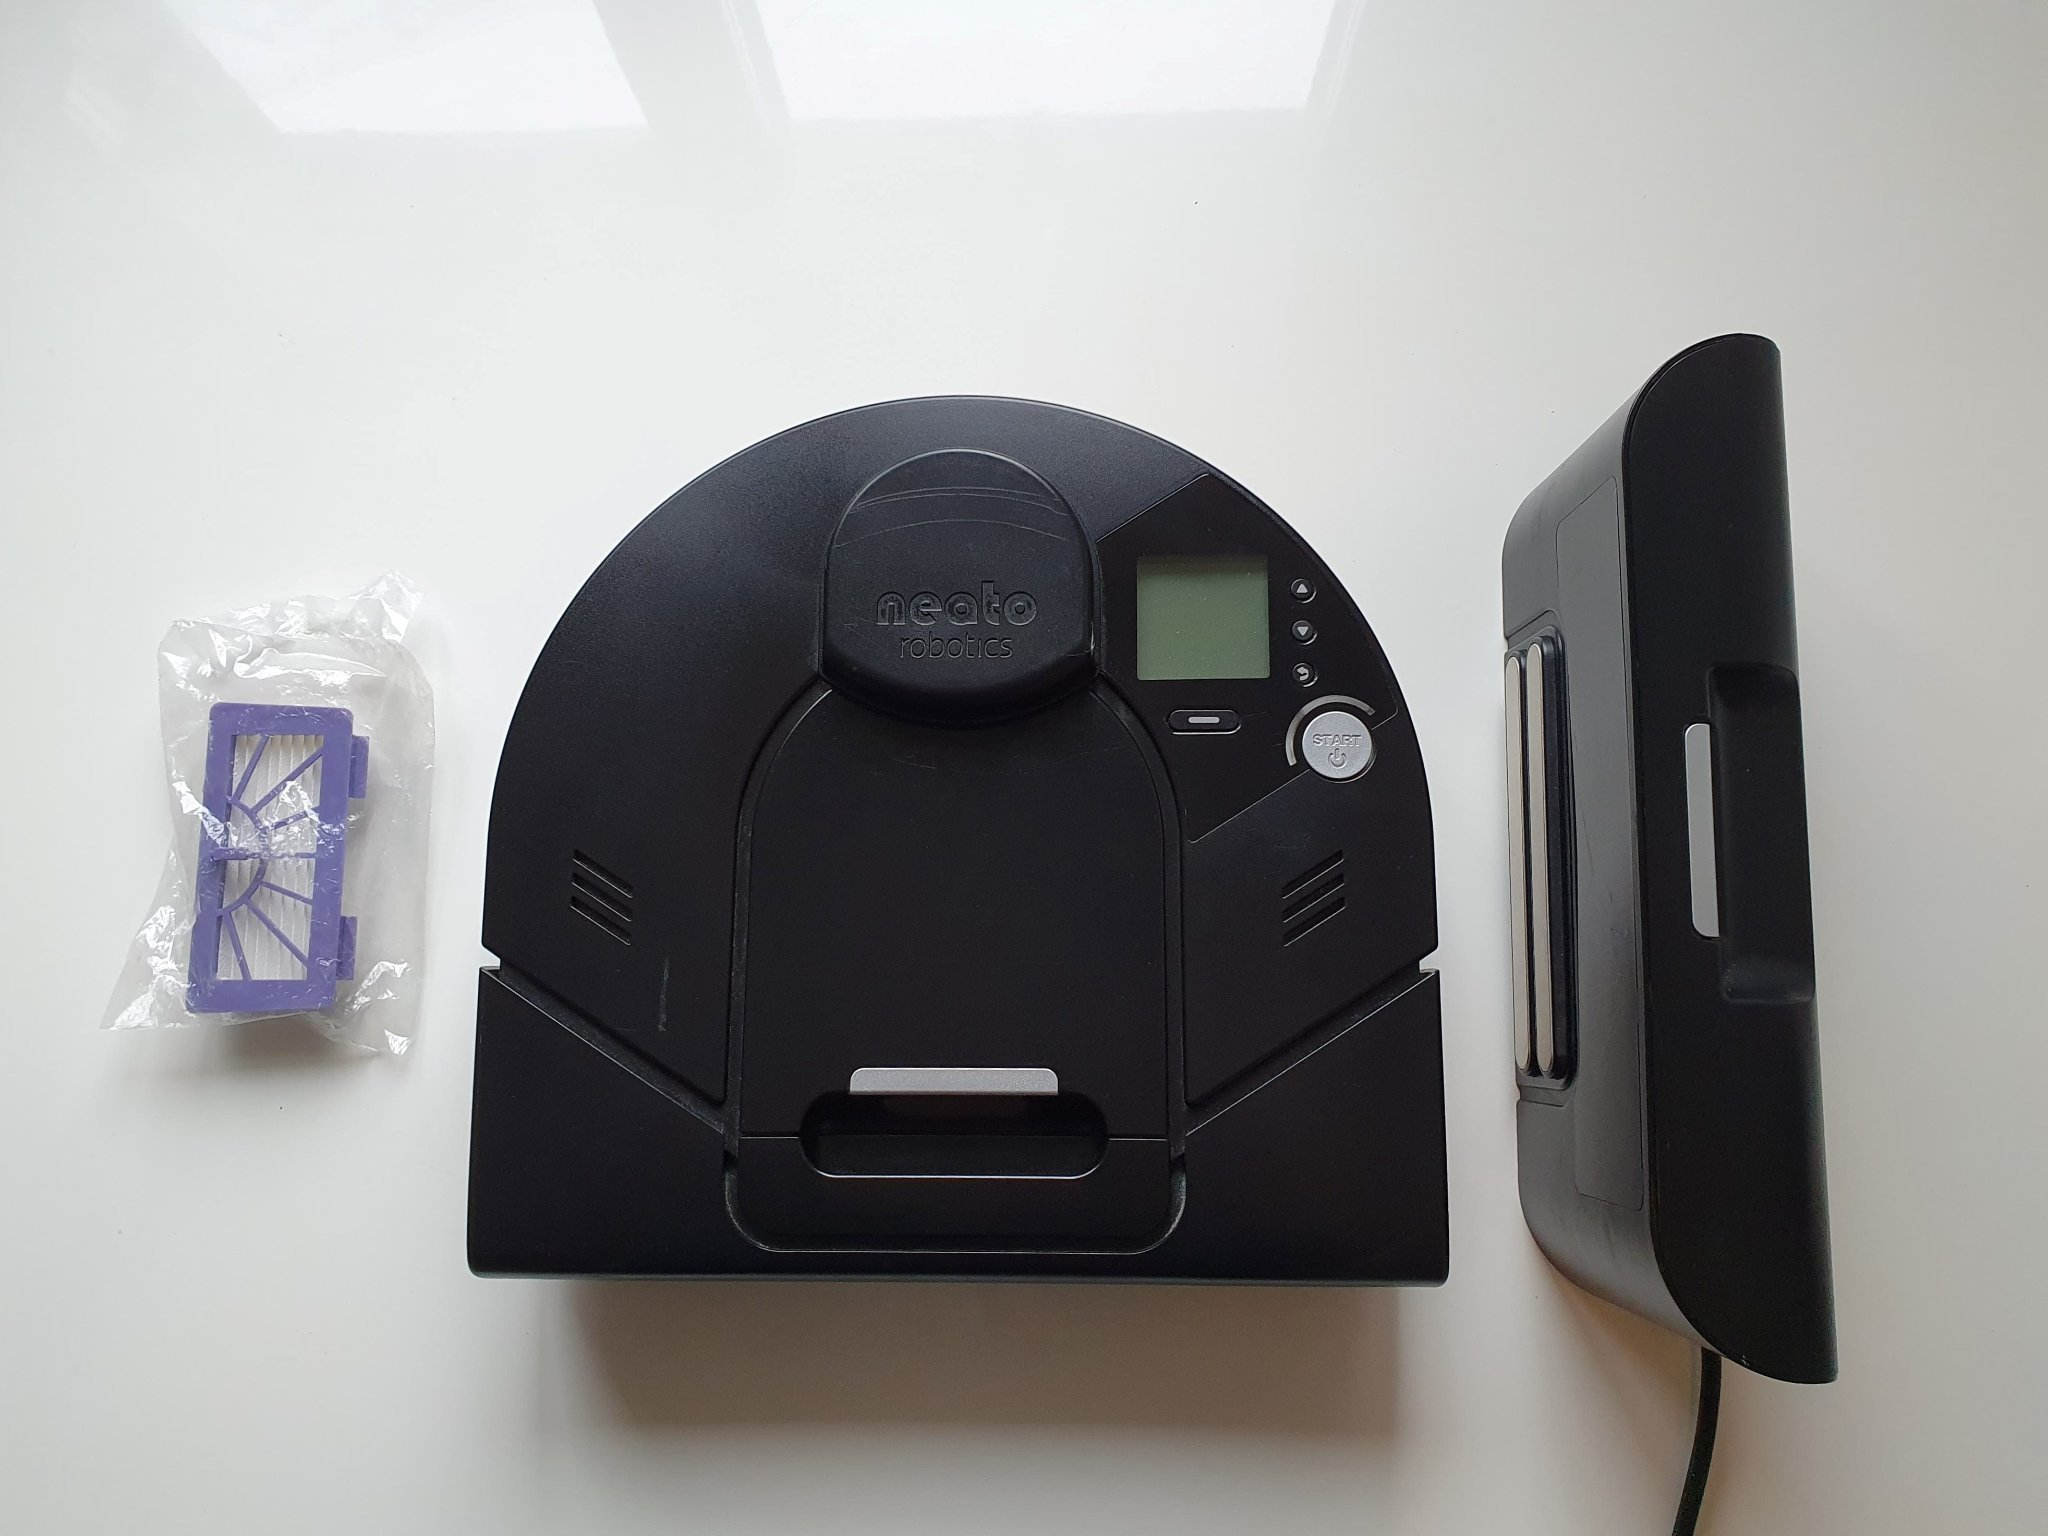 2 robotdammsugare för 499 kronor – Robotnyheter